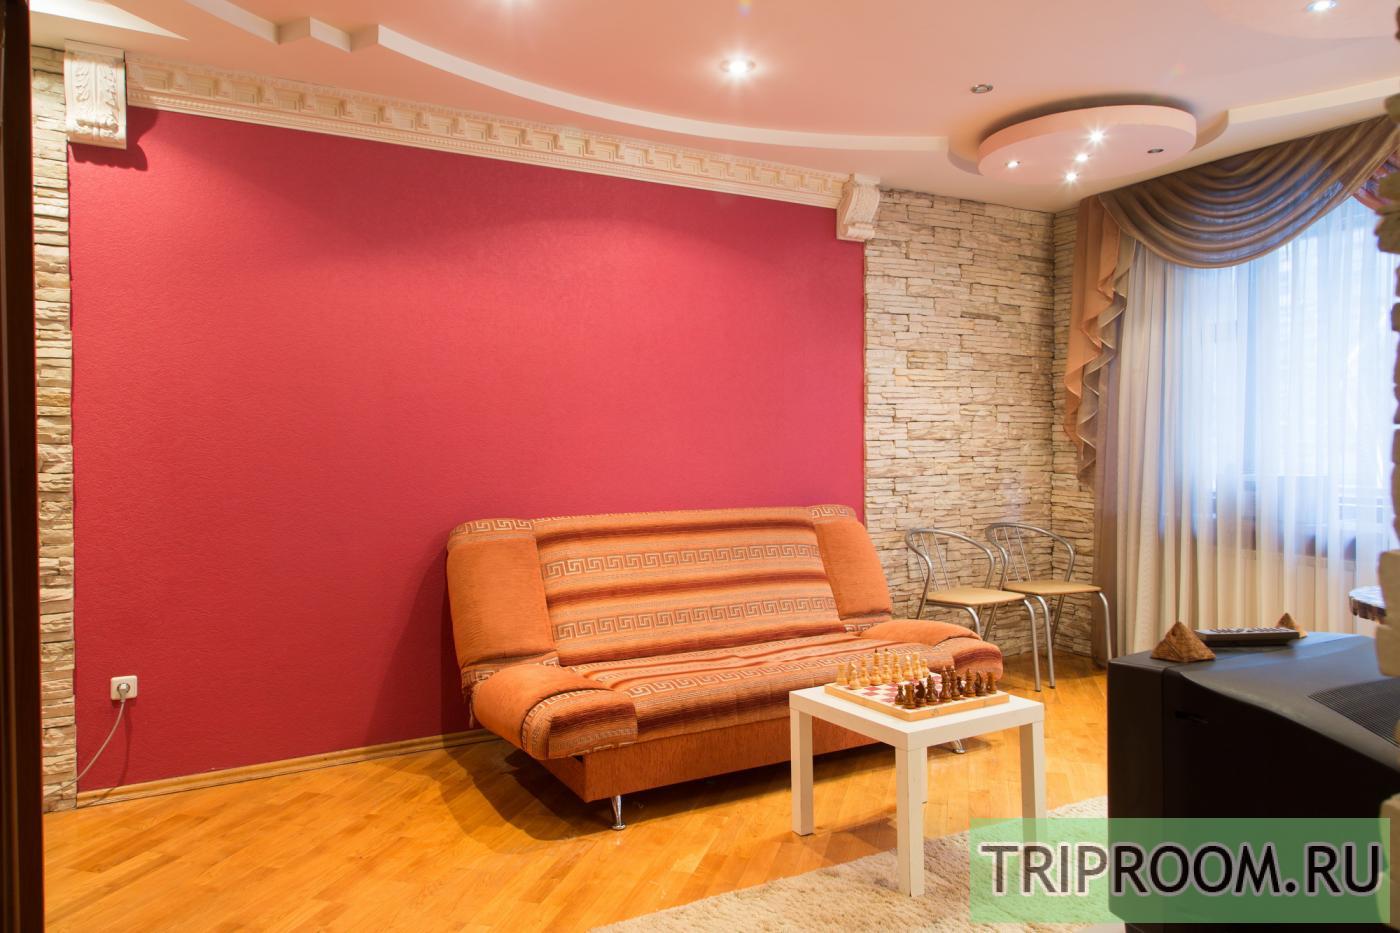 1-комнатная квартира посуточно (вариант № 4852), ул. Средне-Московская улица, фото № 3